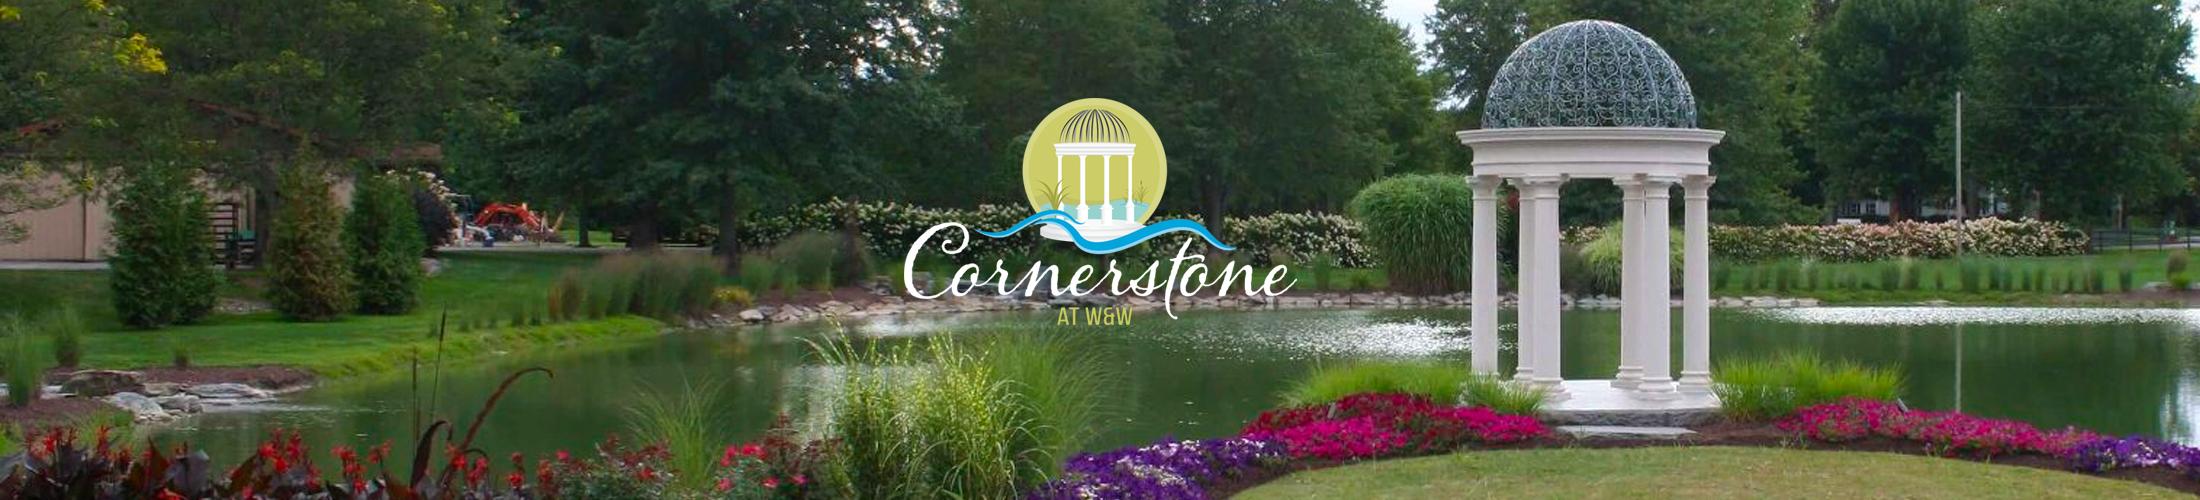 Cornerstone At Wu0026W Bulk Calculator Landscaping News U0026 Tips